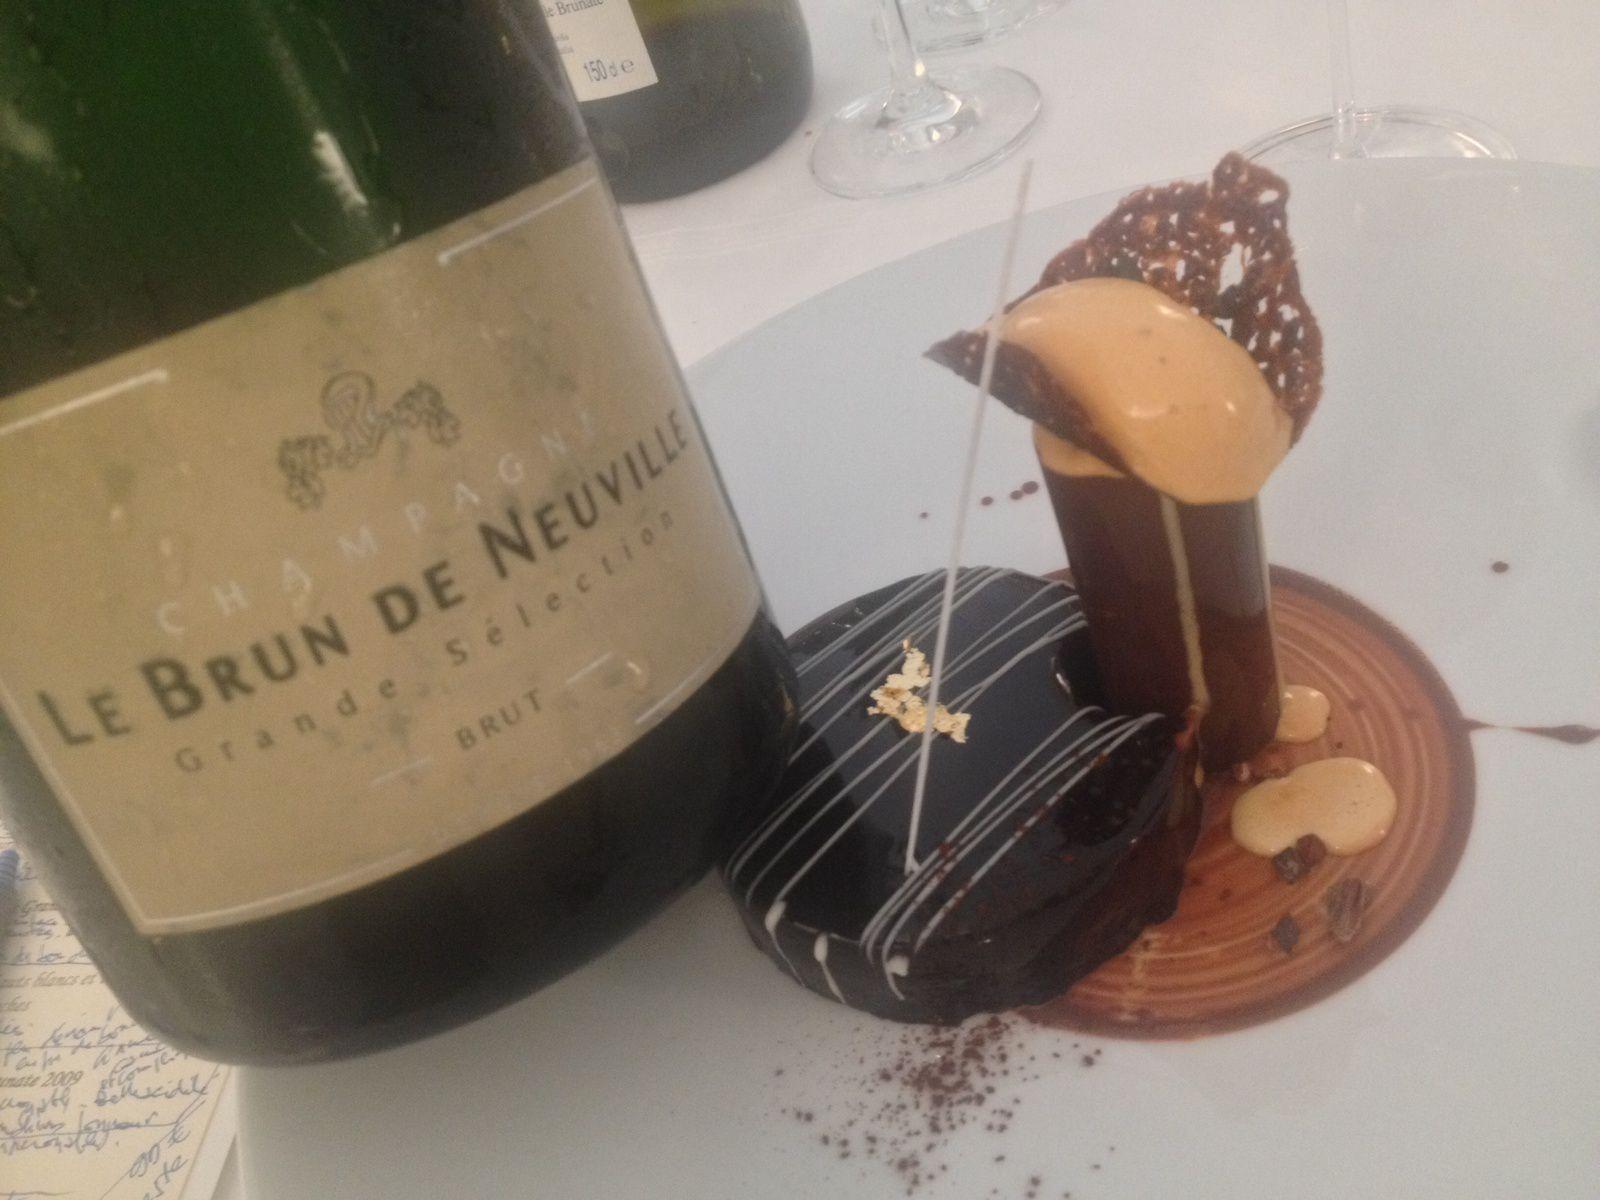 Au Grand Véfour, les bulles de Le Brun de Neuville en belles lampées ...